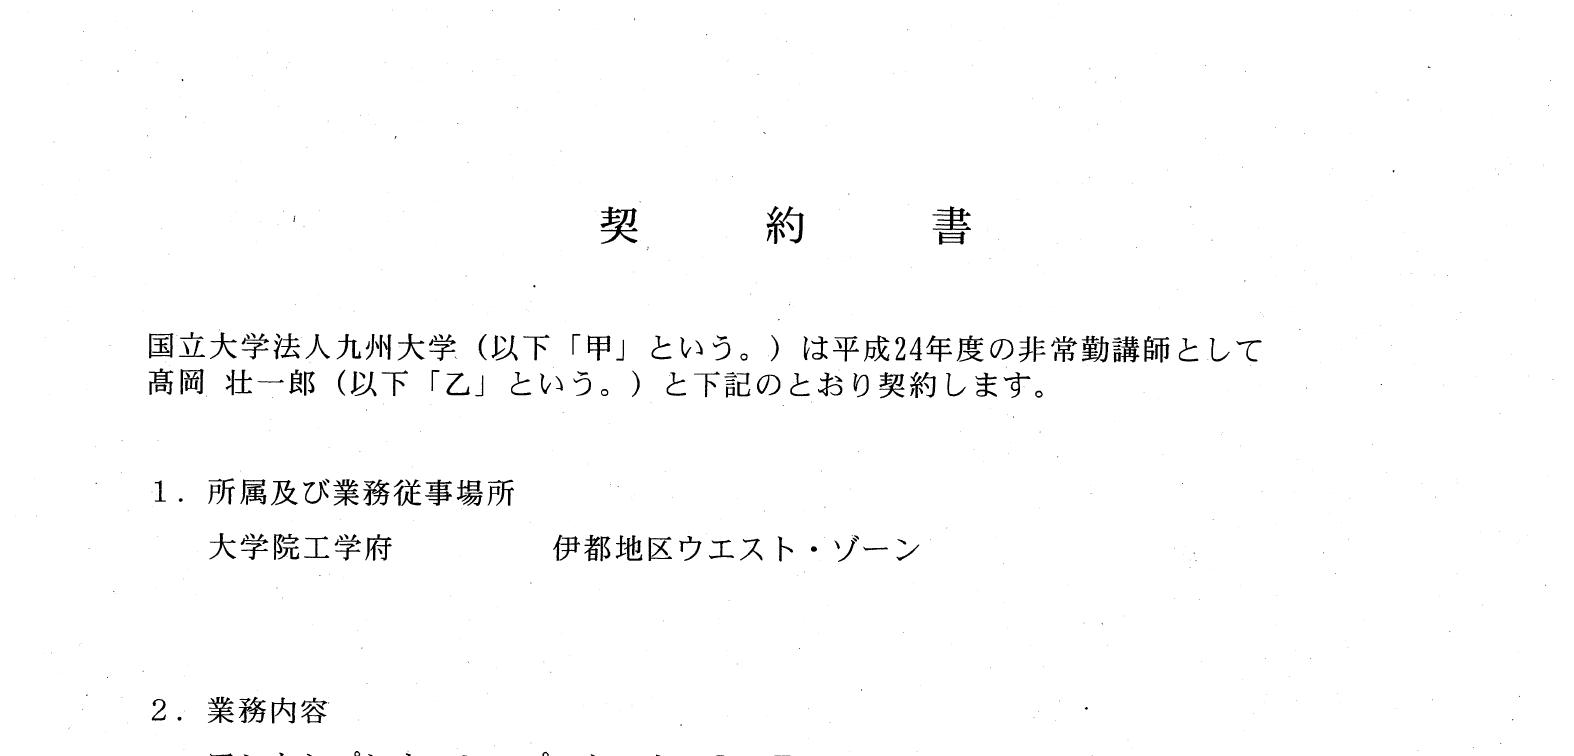 九州大学非常勤講師 高岡壮一郎